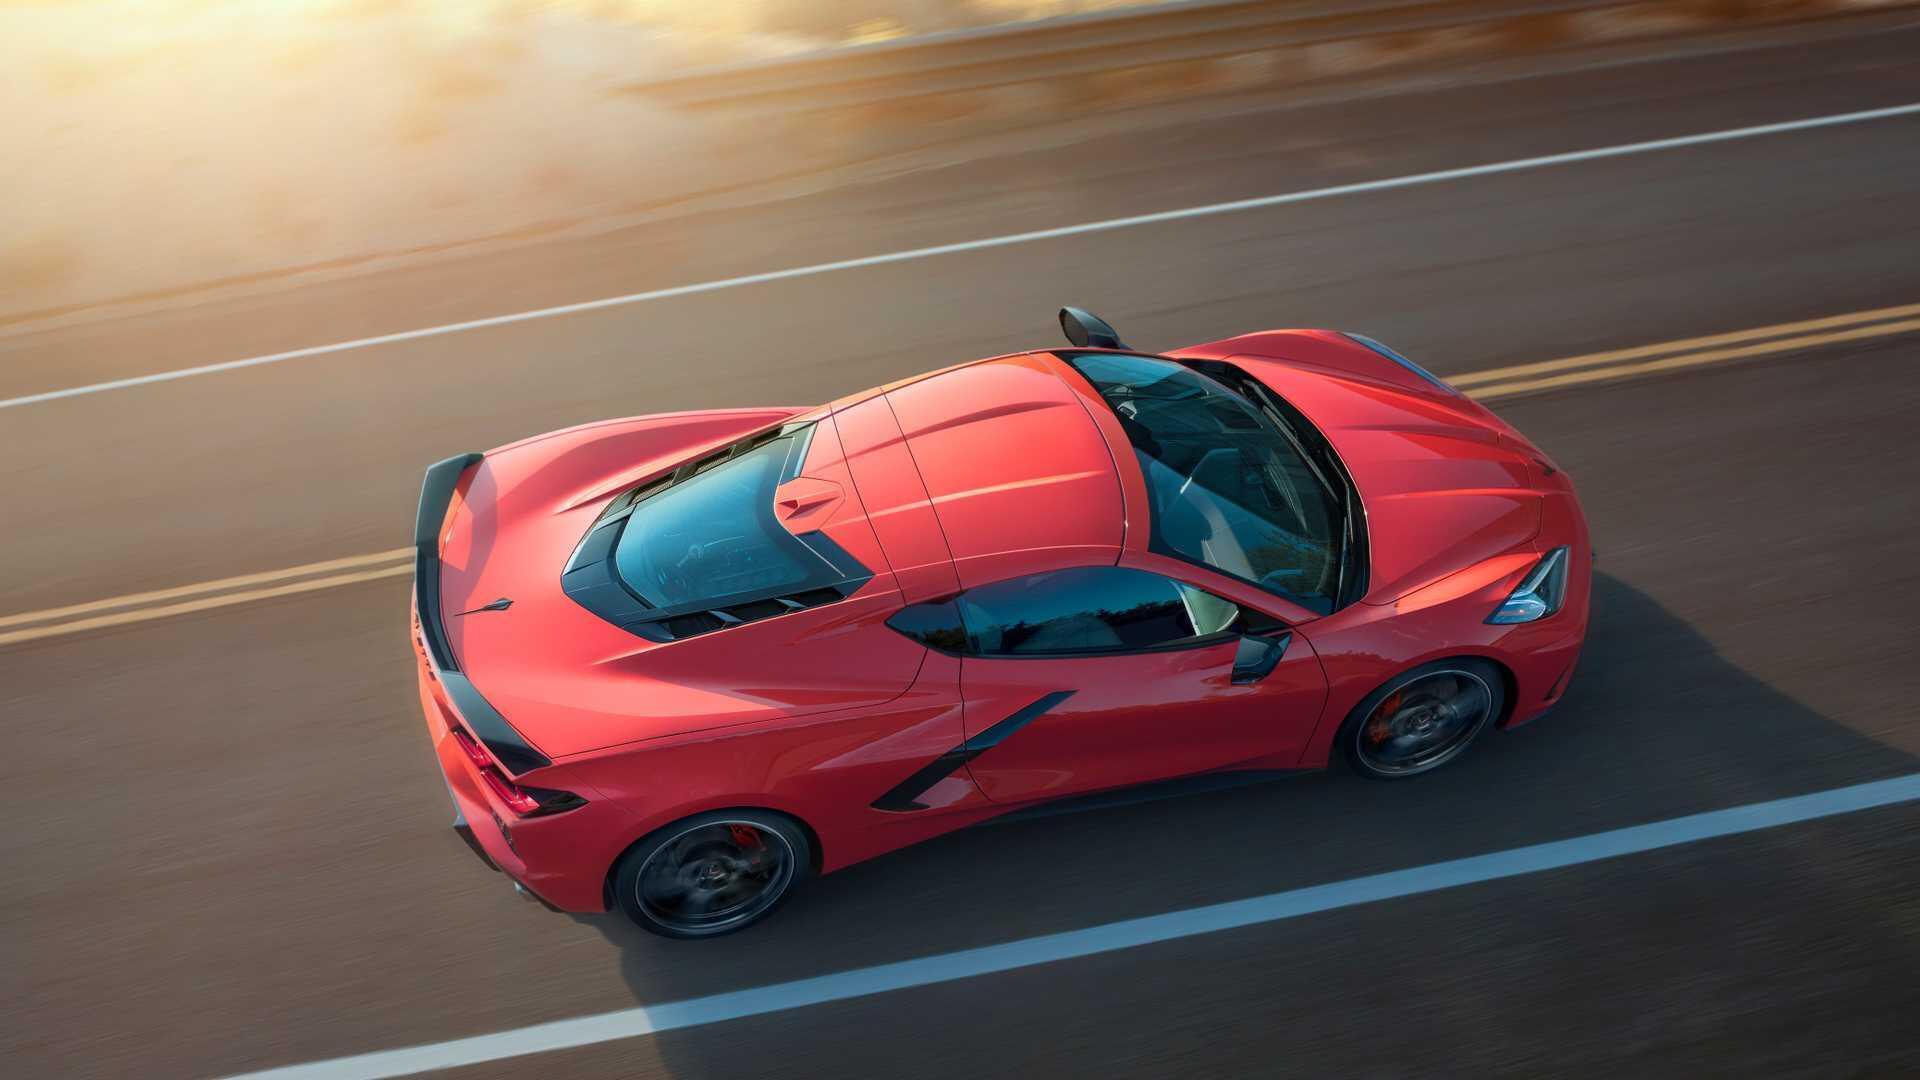 https://cdn.dailyxe.com.vn/image/chevrolet-corvette-2020-co-mot-so-tinh-nang-an-tuyet-voi-41-94552j2.jpg